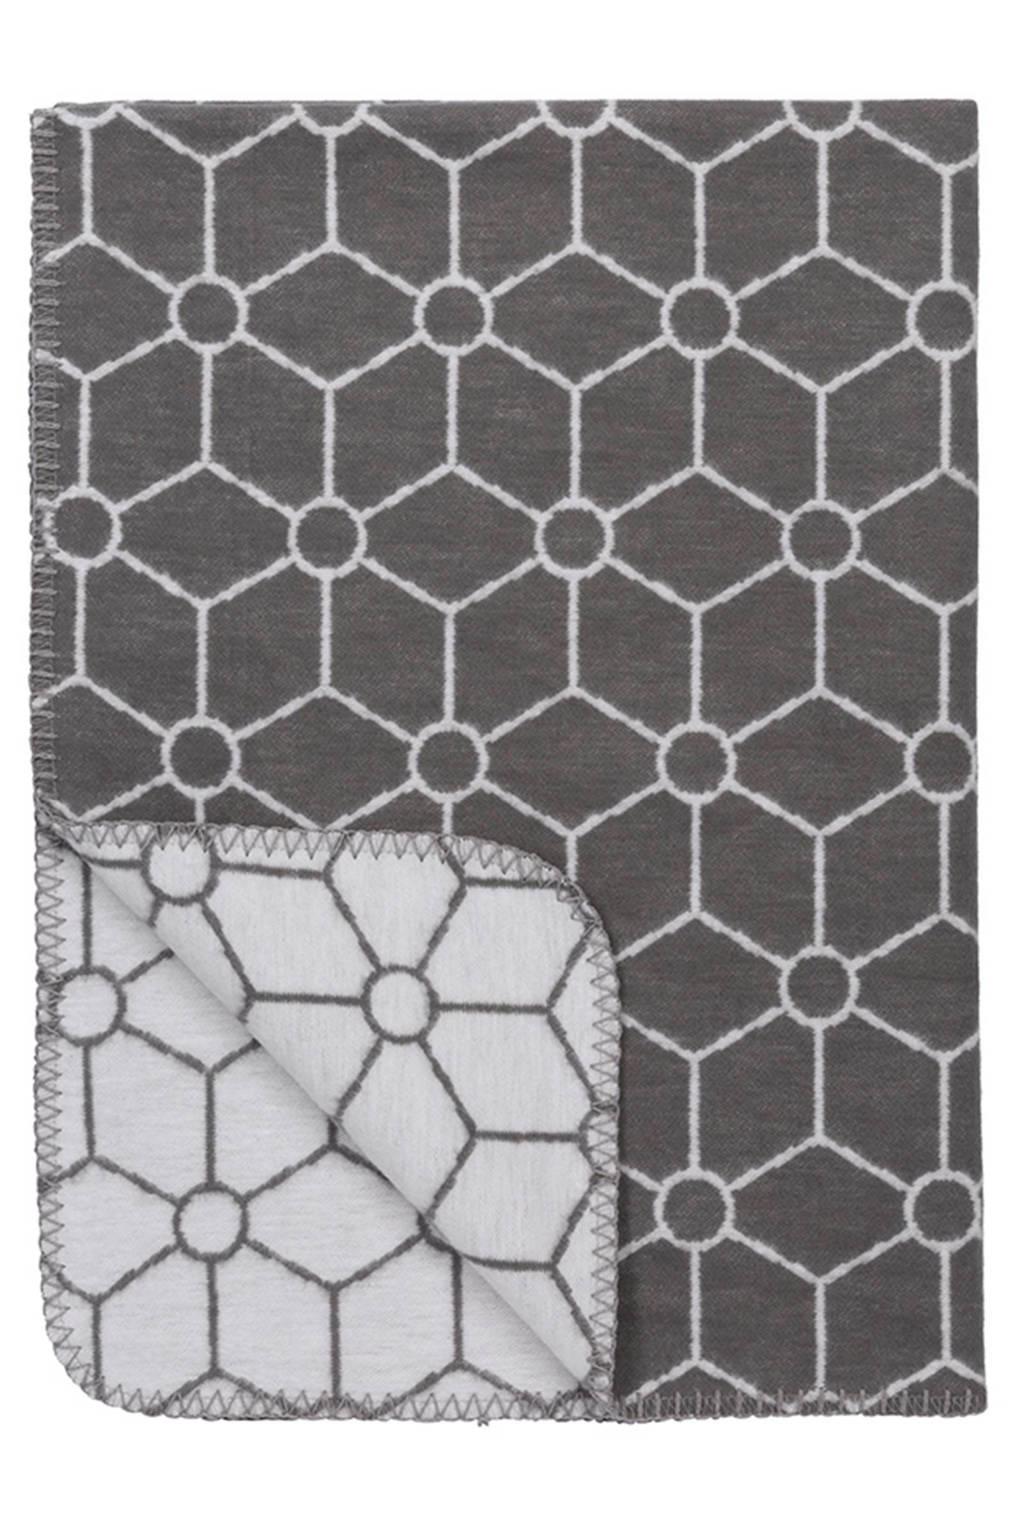 Meyco Honeycomb biologische ledikantdeken 120x150 cm grijs, Grijs